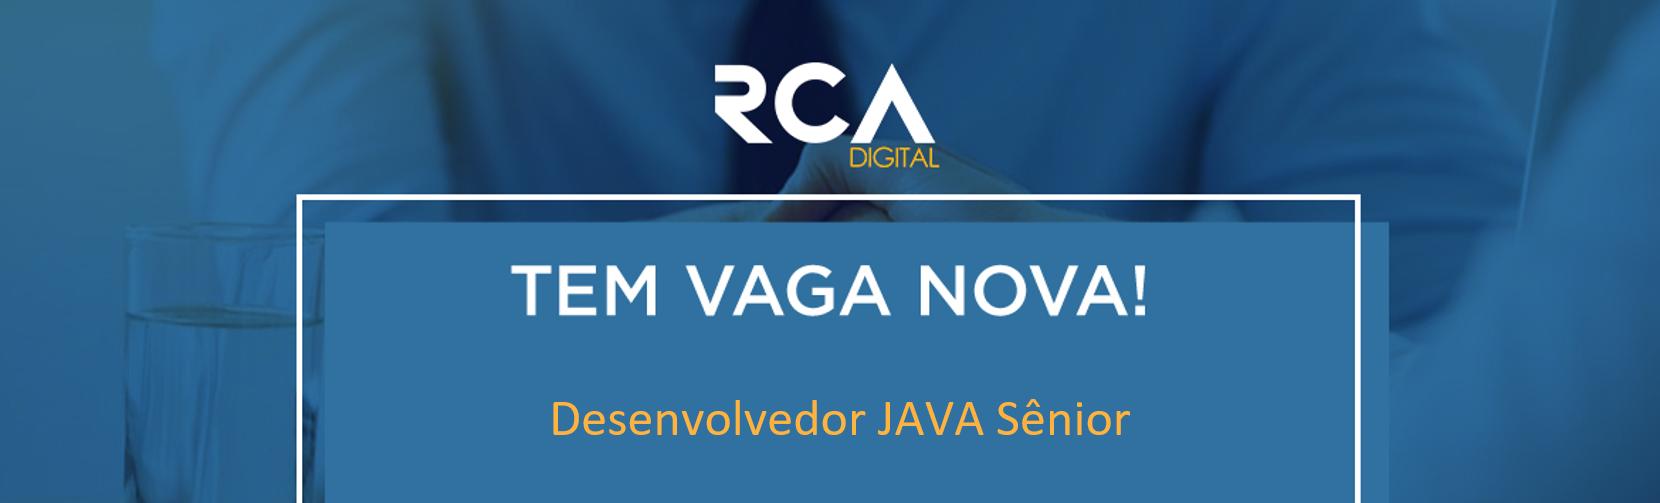 [RCA] Desenvolvedor Java Web Sênior